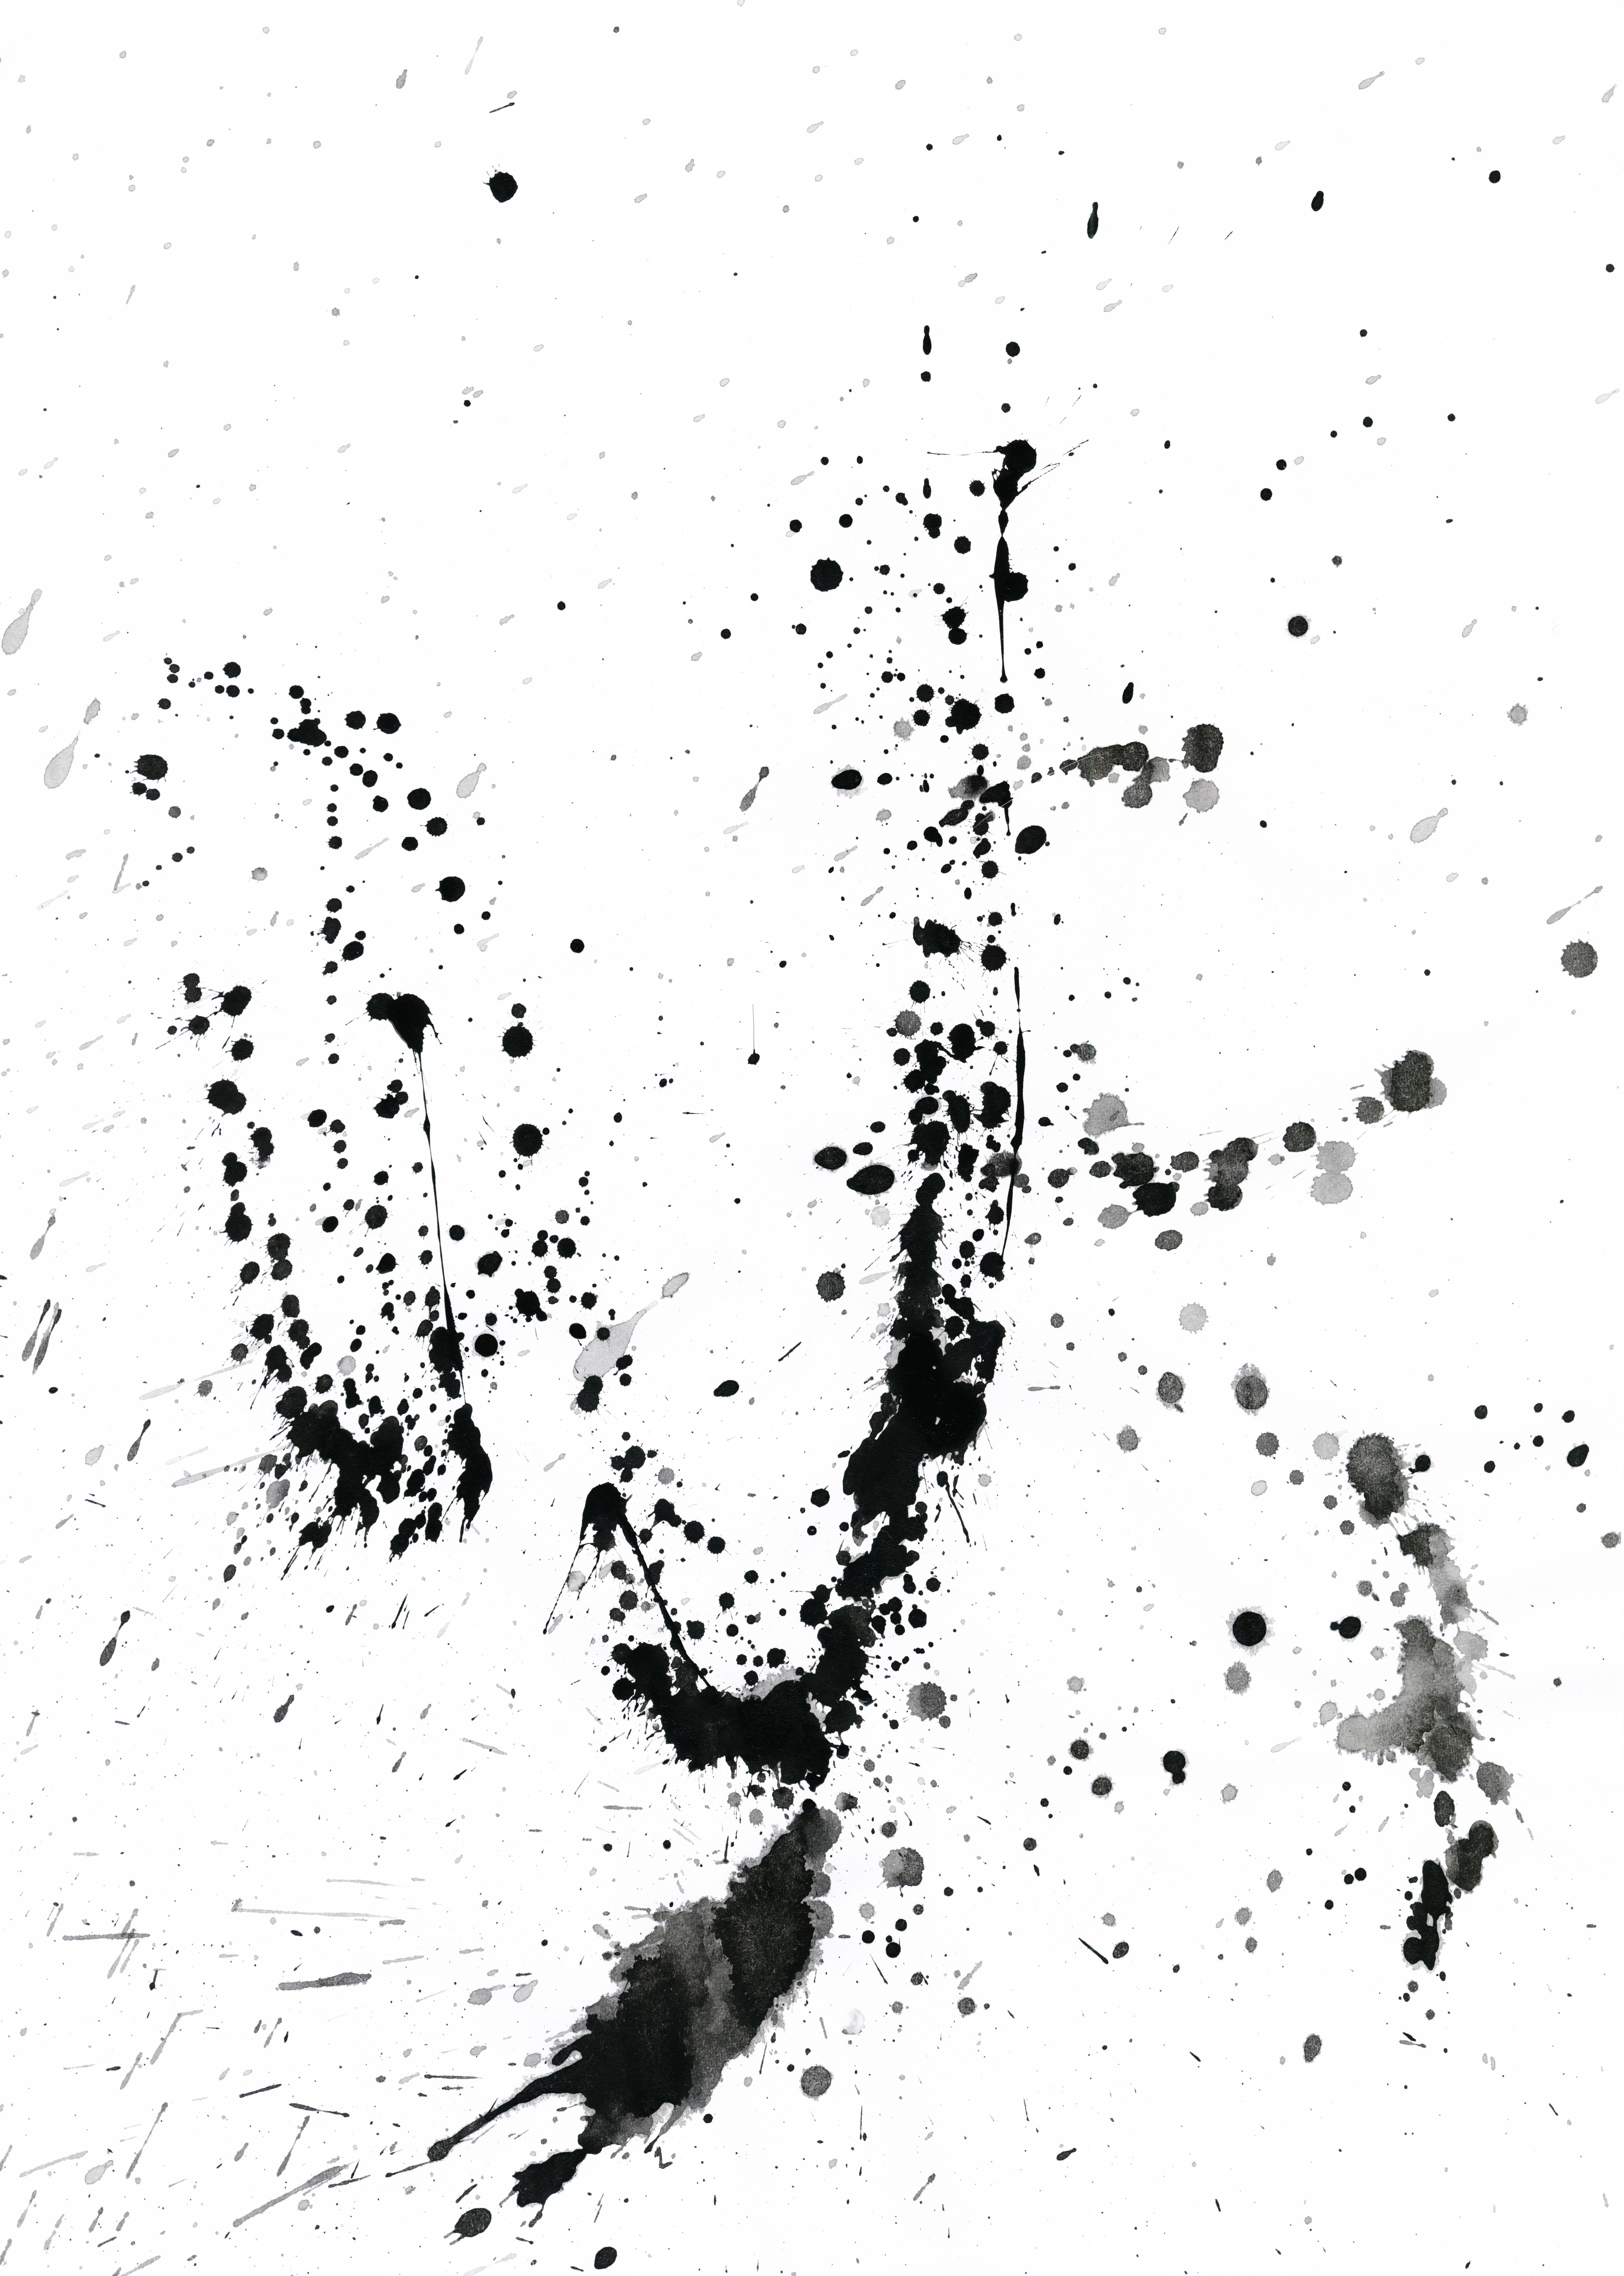 Ink_Splatter_06_by_loadus.jpg 6,400×8,967 pixels ...